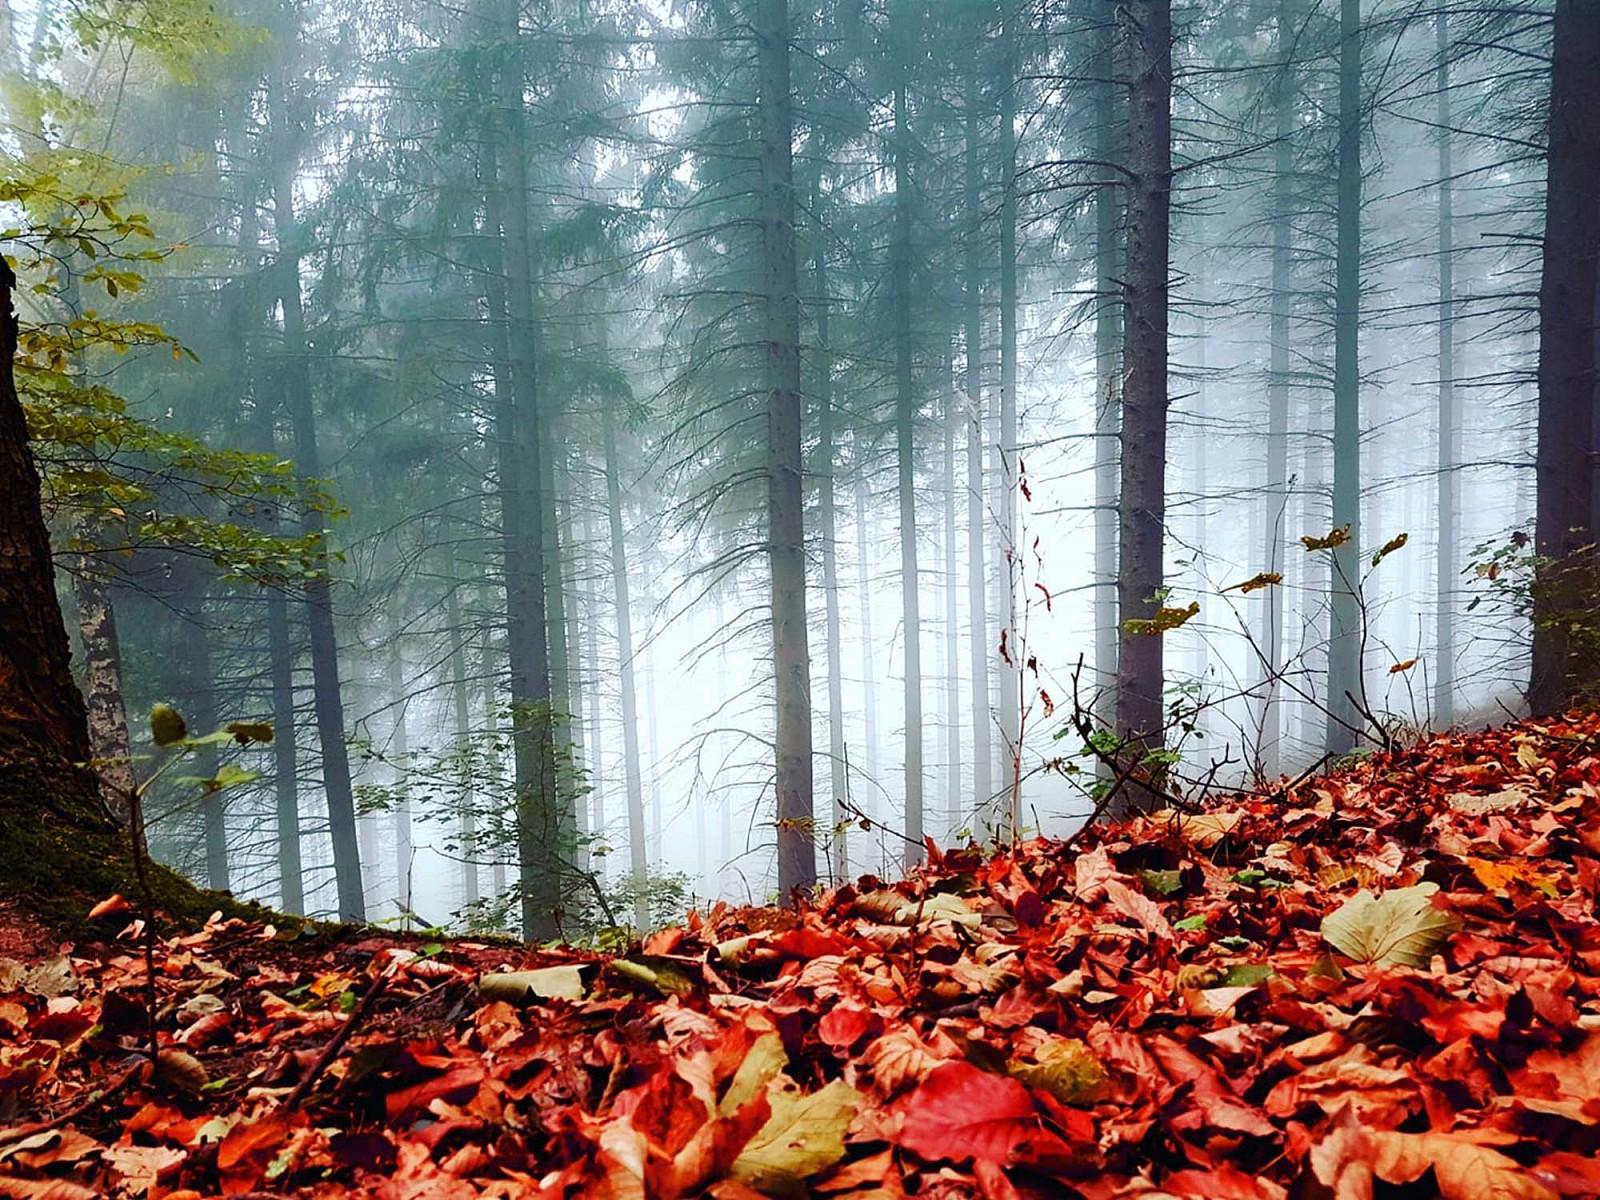 pspan-stylefont-familyGeorgiaserifManchmal-zeigt-der-Herbst-sich-auch-von-seiner-mystischen-Seite---so-wie-hier-im-Siebengebirge-fotografiert-von-Sarah-Simonspanp